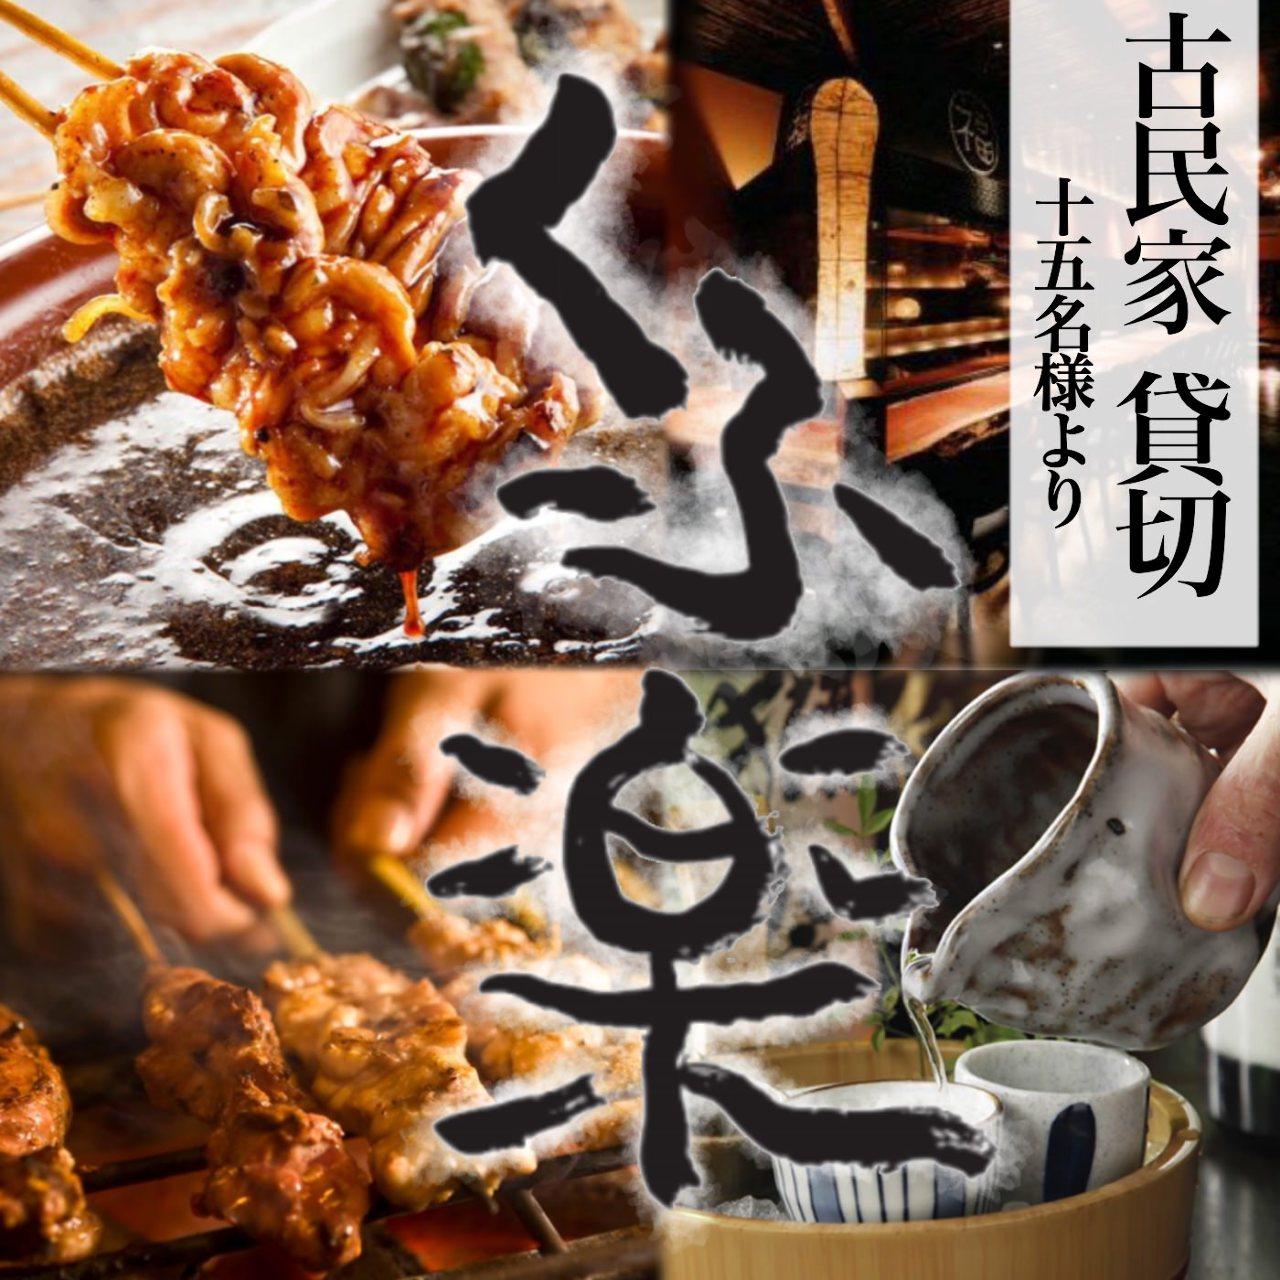 本八幡炭火串焼 くふ楽 本八幡店のイメージ写真